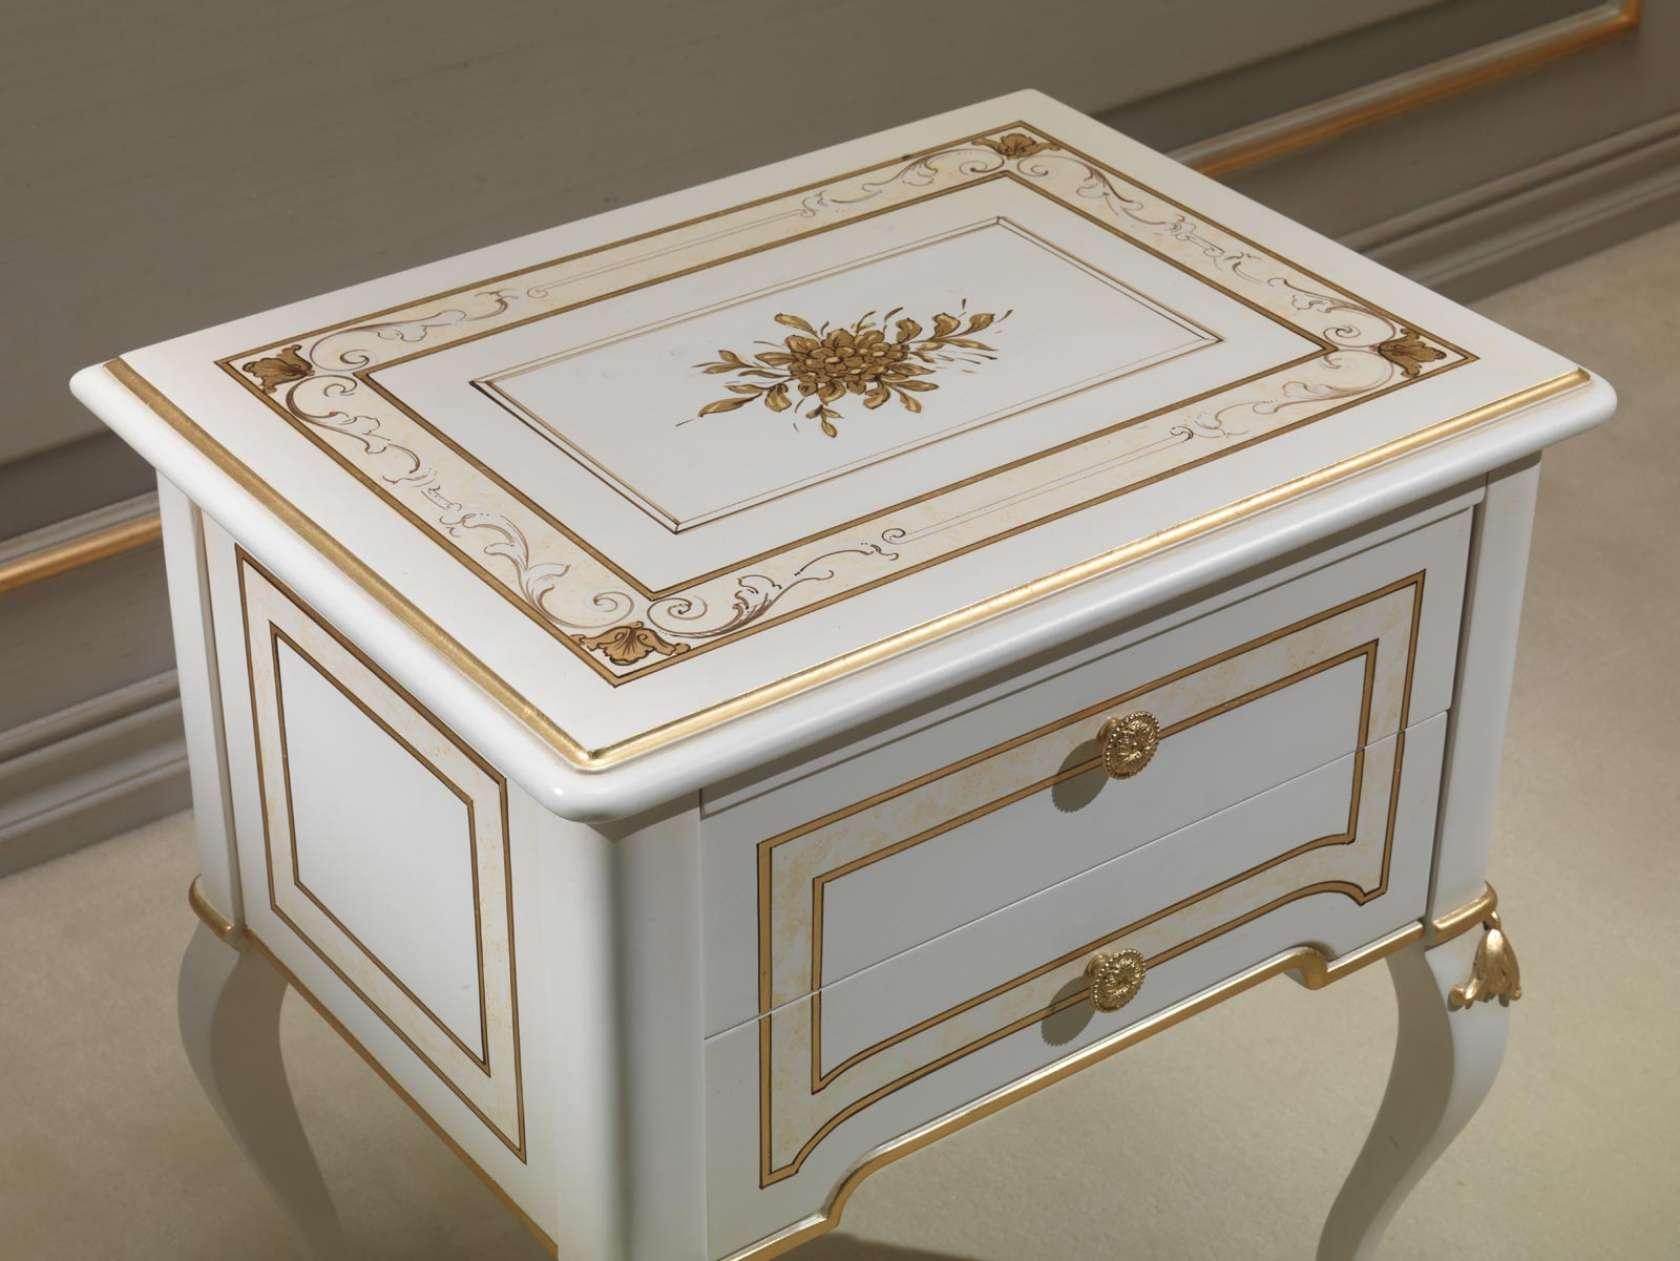 Camera da letto classica rubens in stile 700 francese comodino laccato vimercati meda - Camera da letto in francese ...